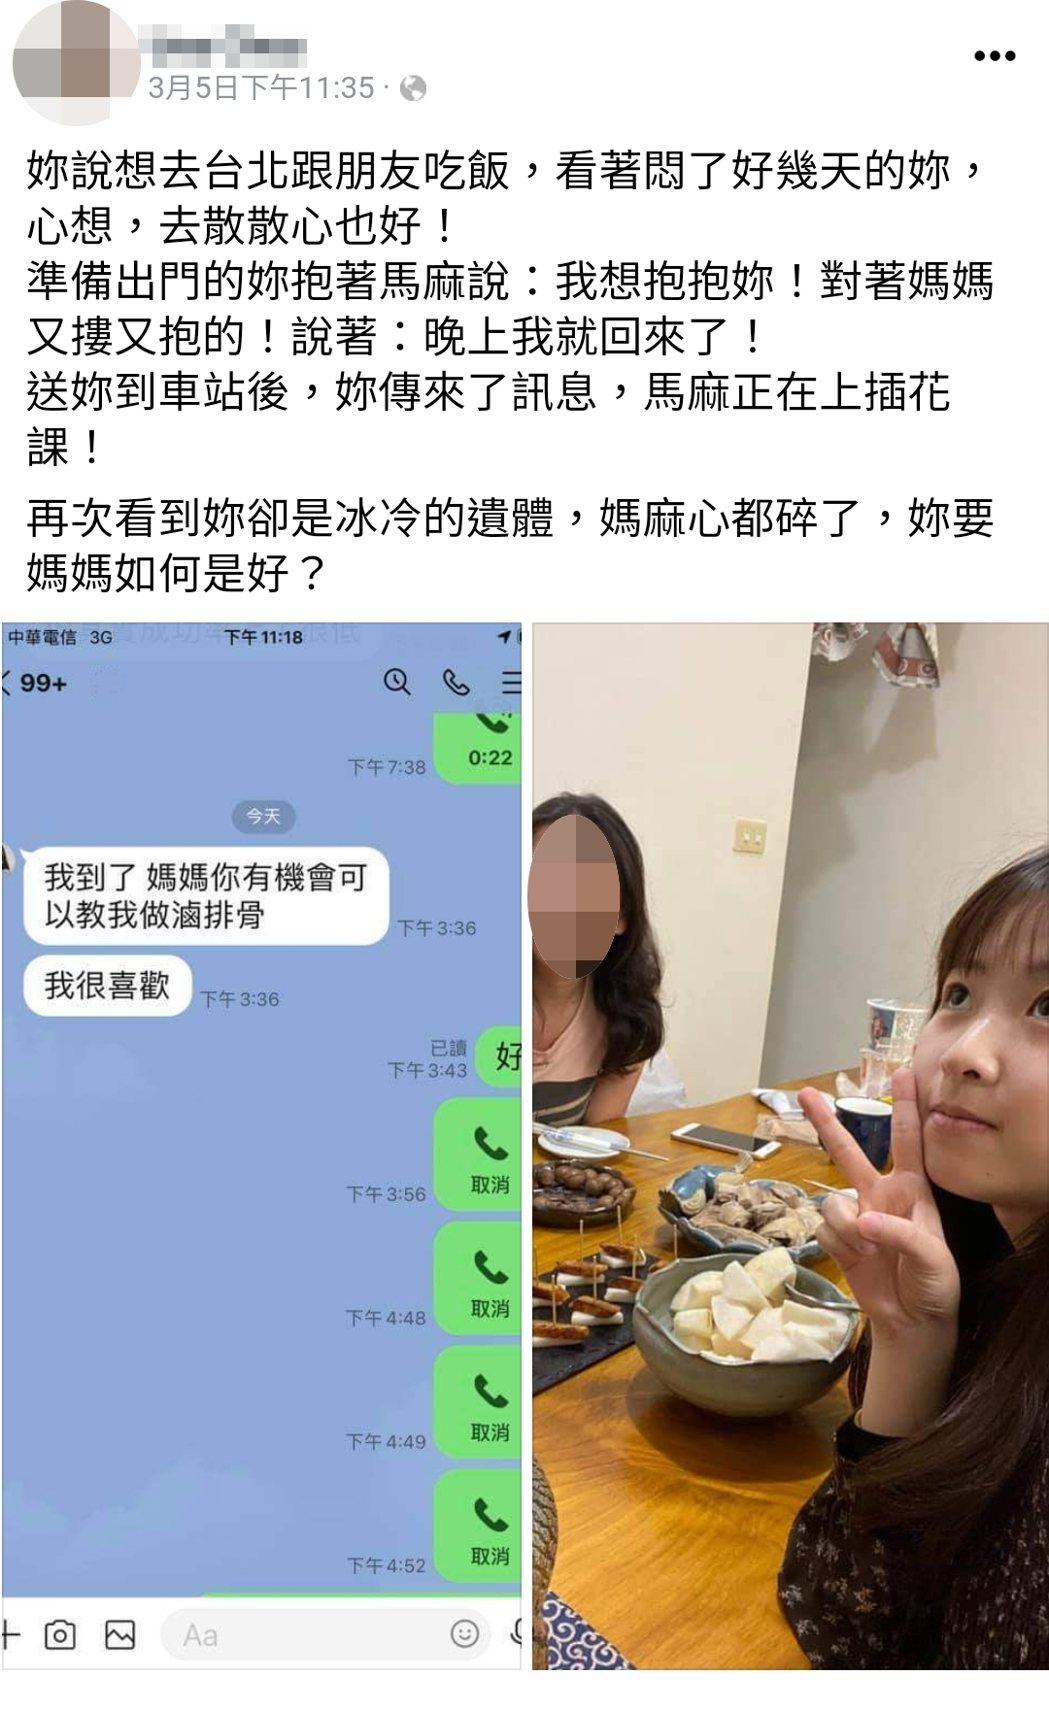 莊凌芸的媽媽發文訴內心悲痛。 圖/擷自臉書